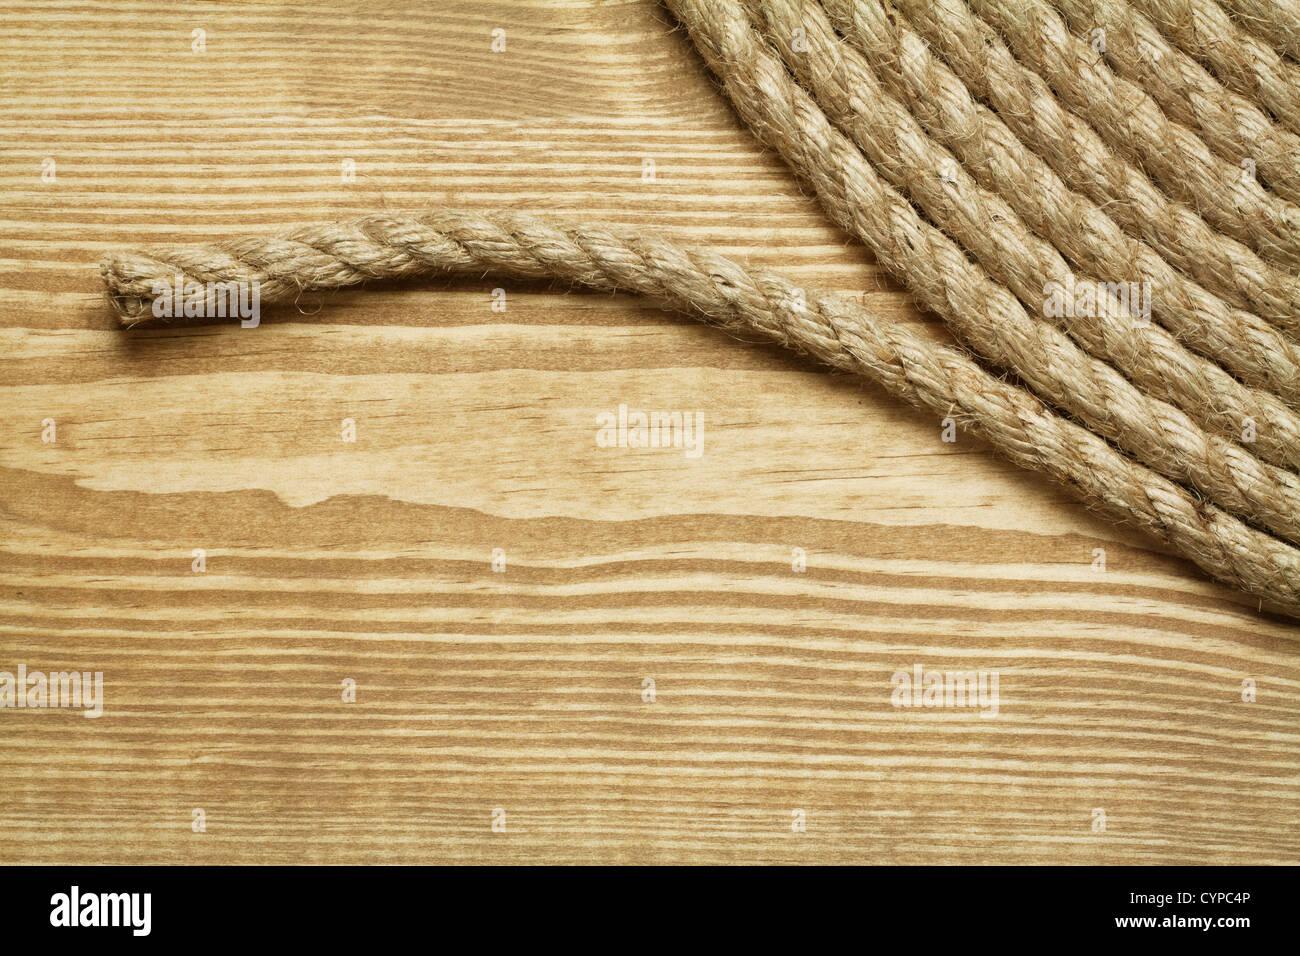 Rouleau de corde rugueuse sur fond de bois Photo Stock